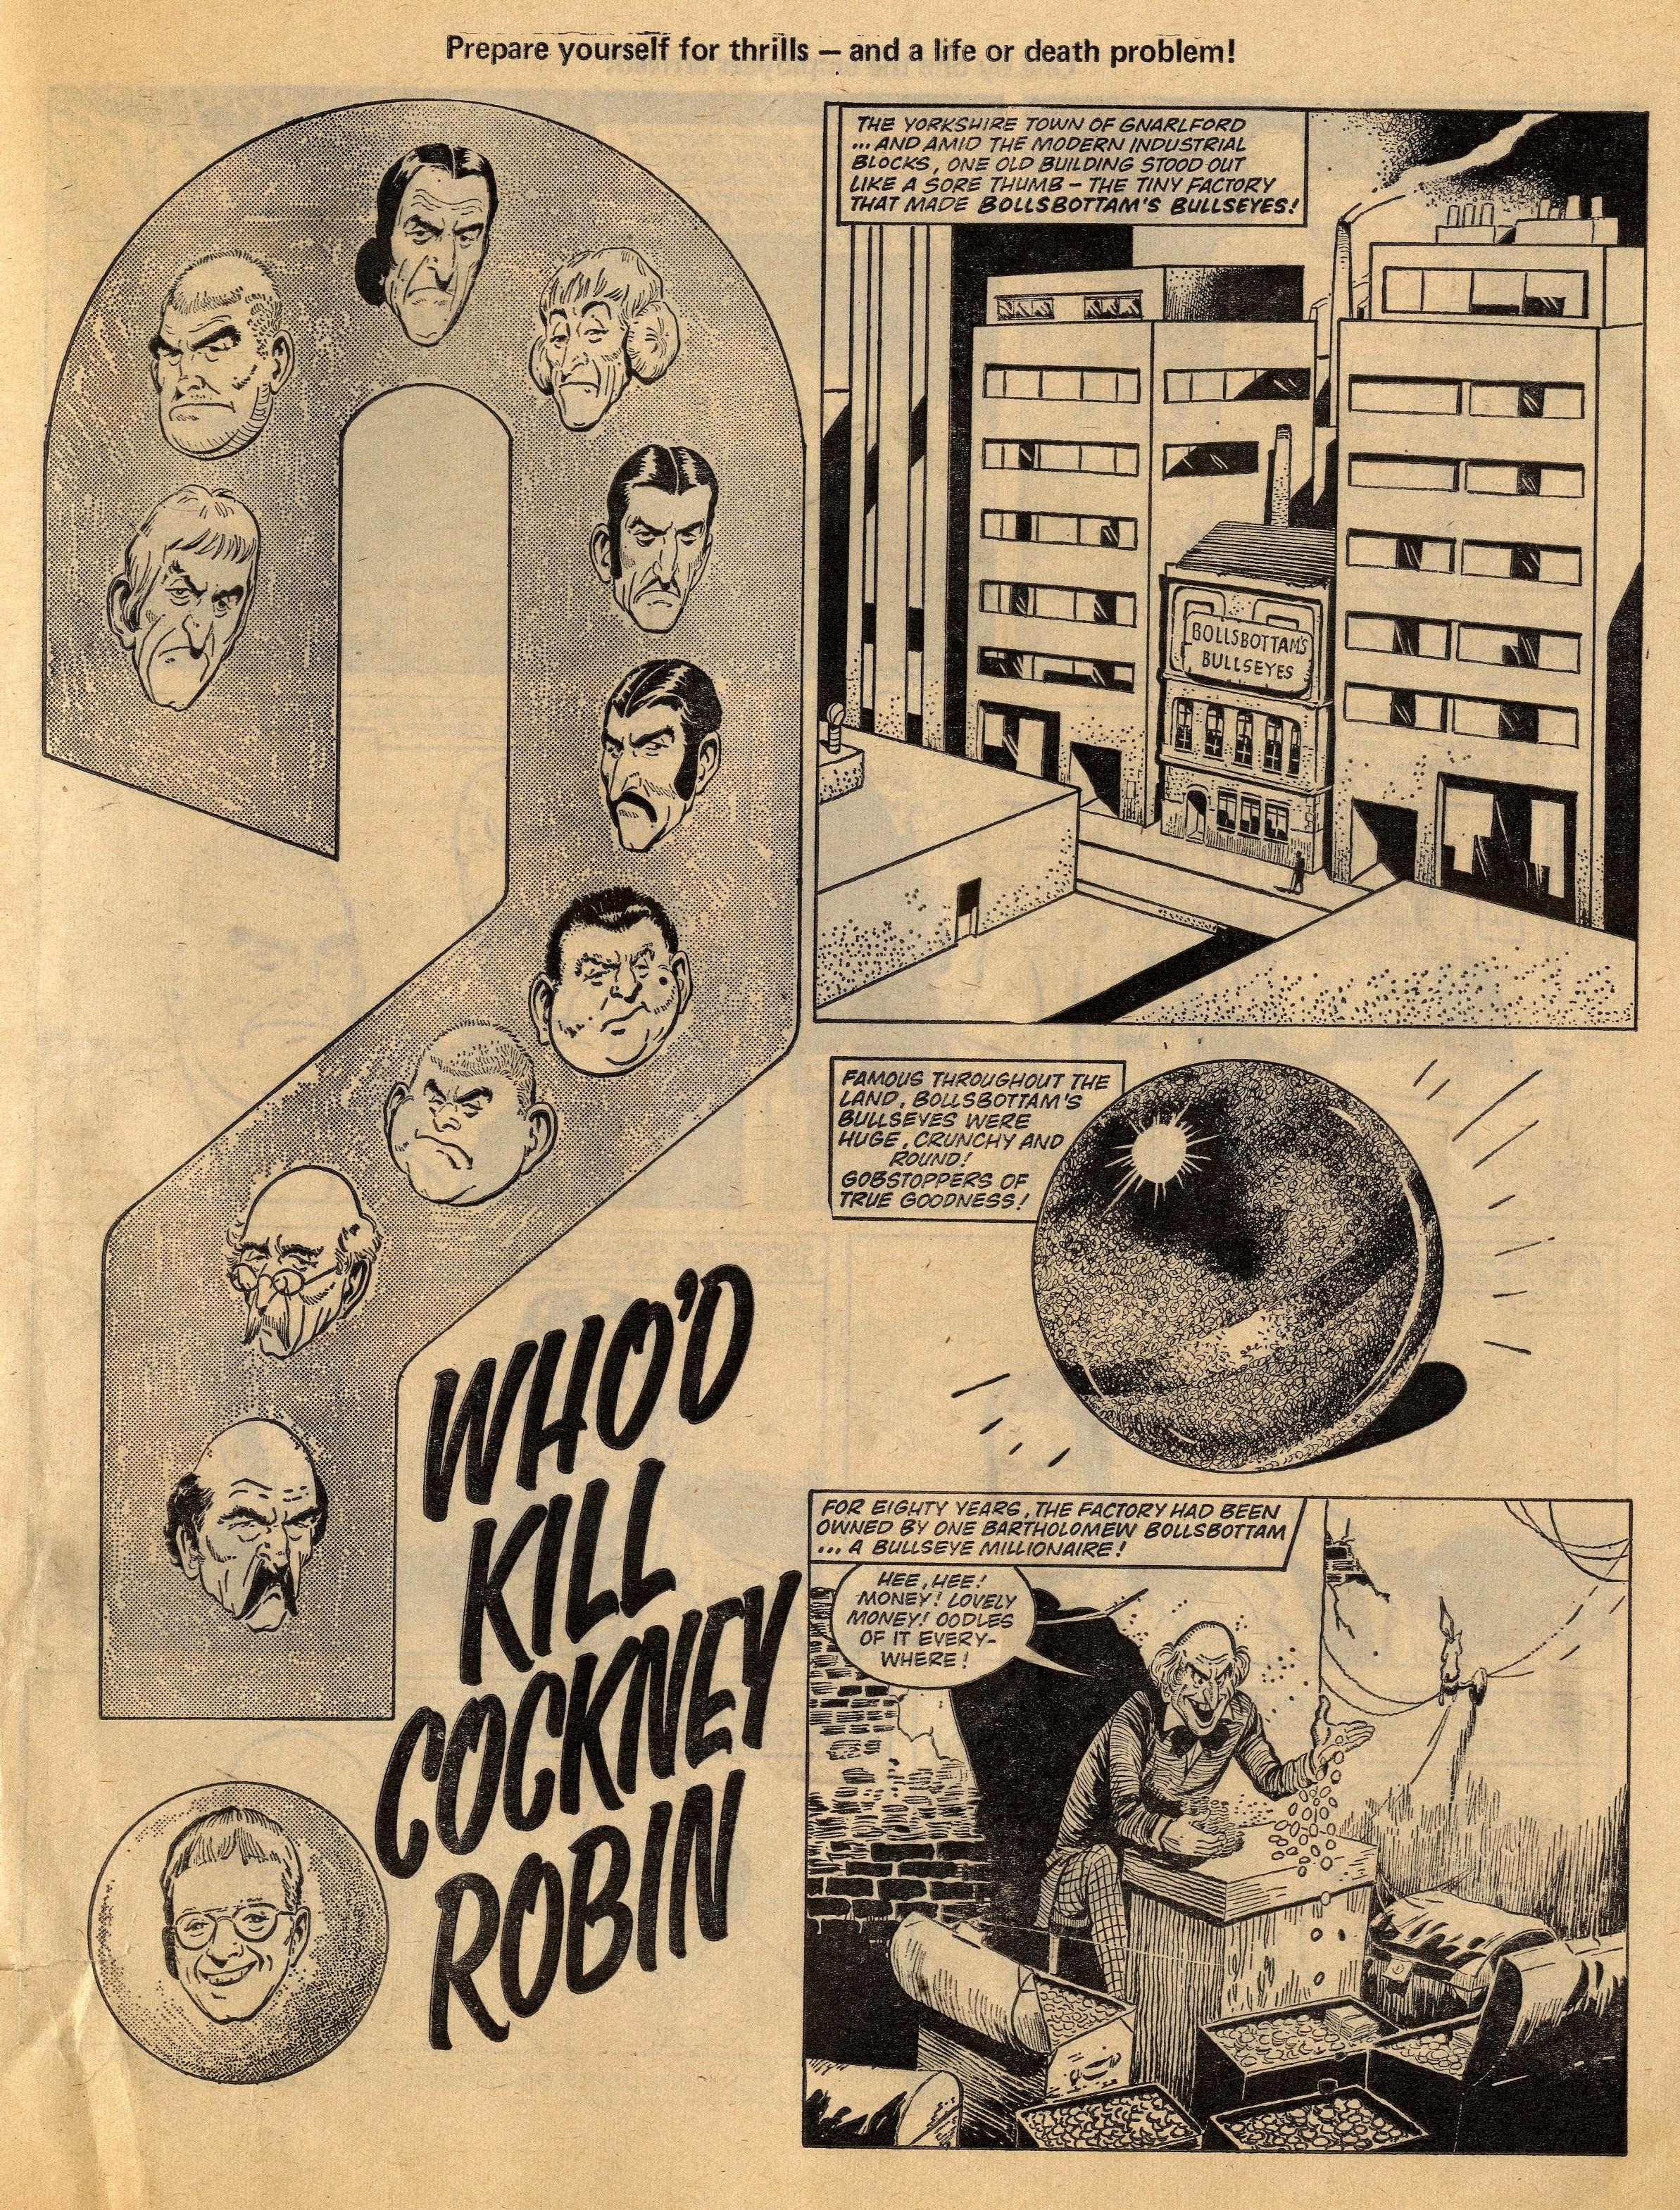 Who'd Kill Cockney Robin: Tom Kerr (artist)